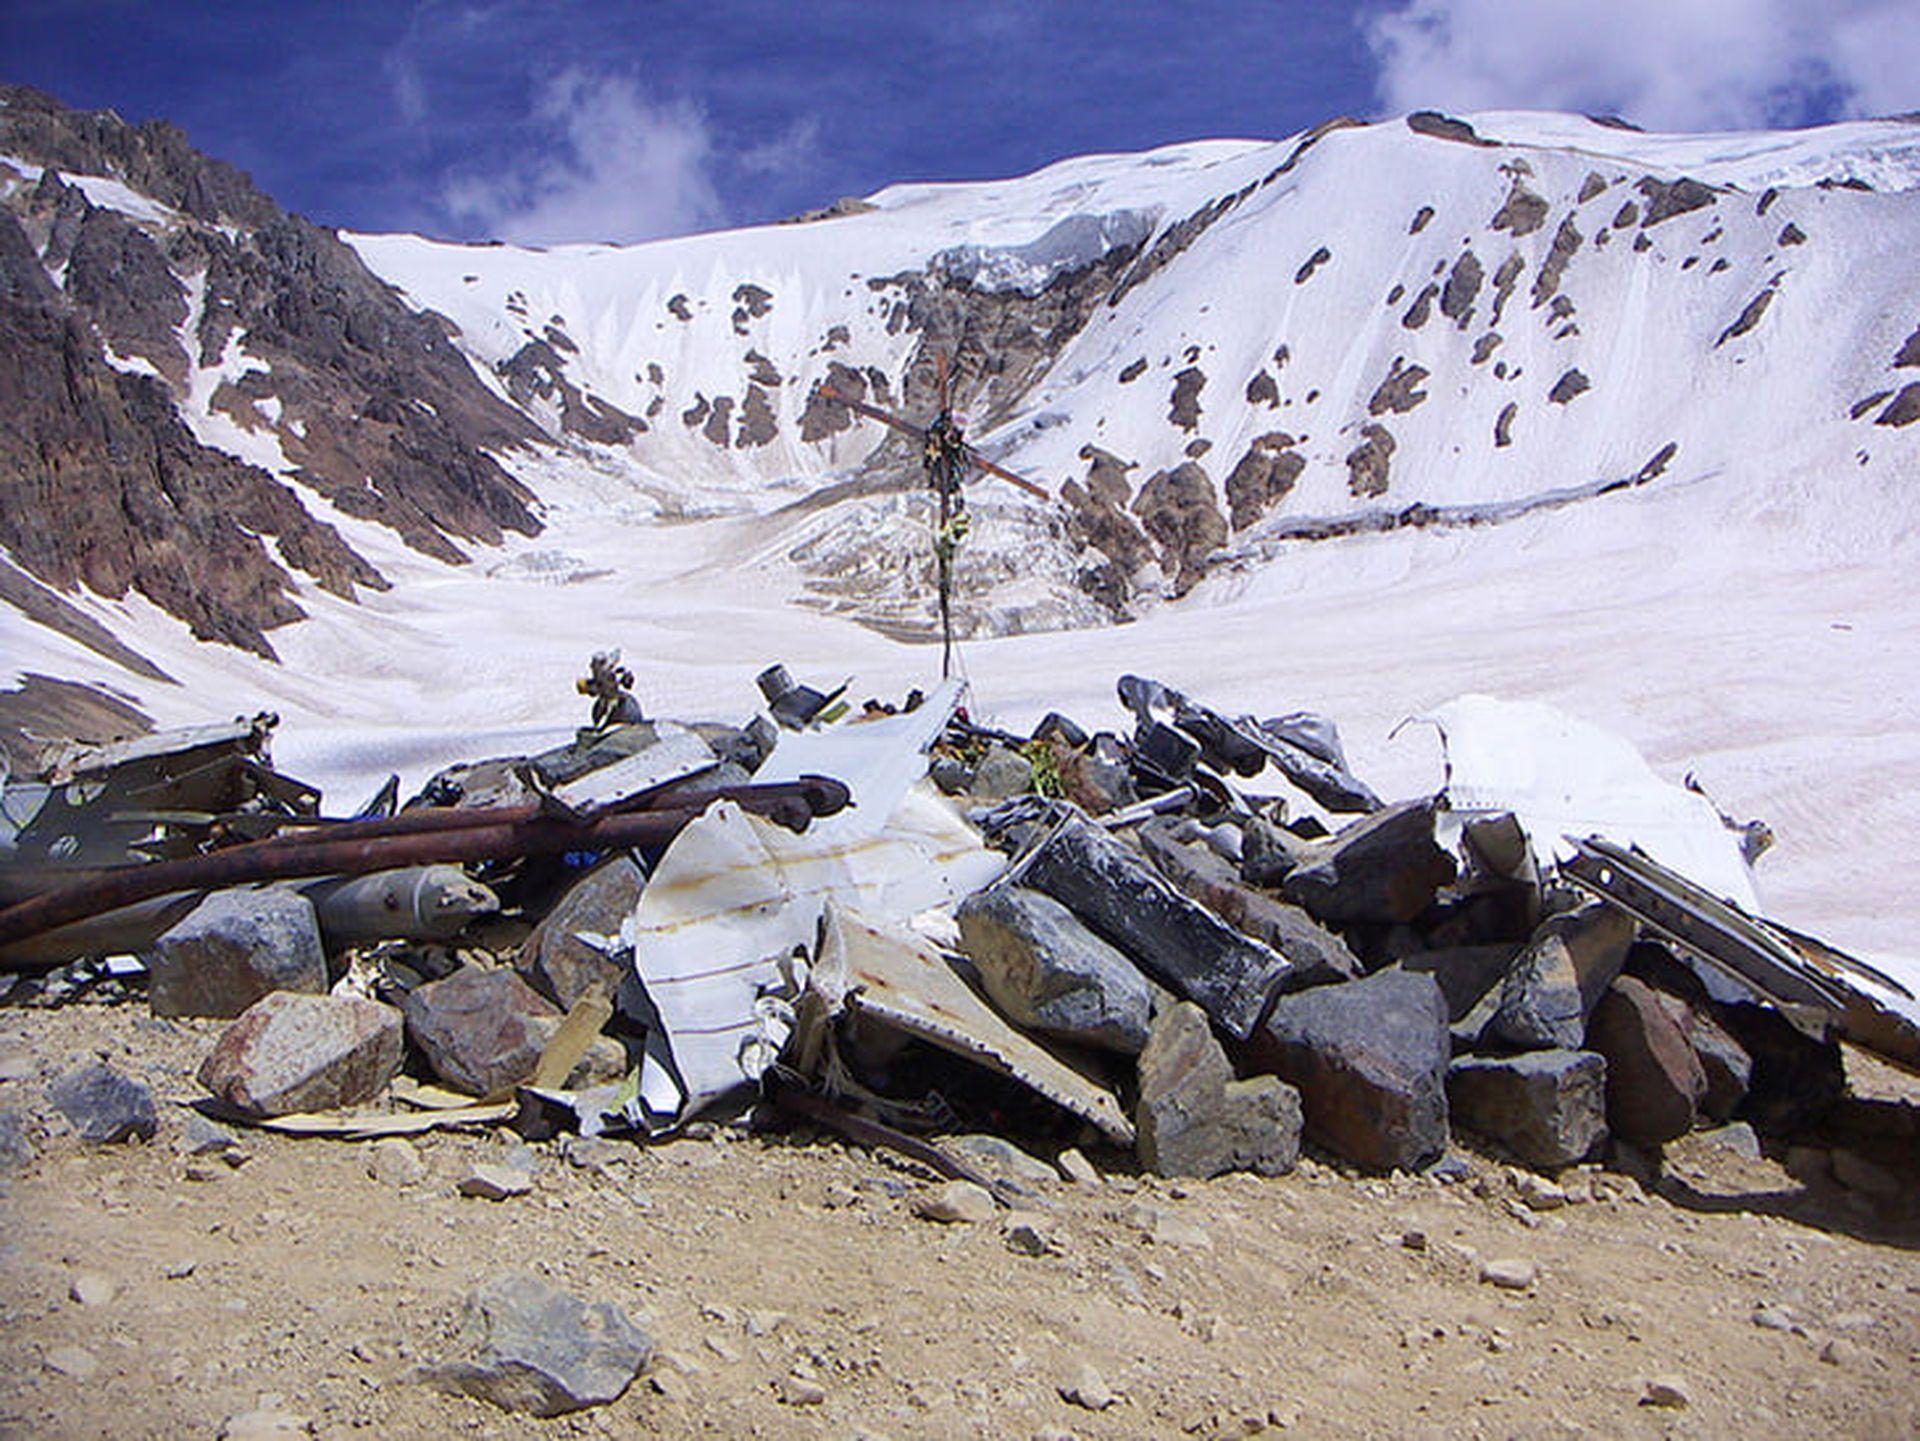 Мястото, където са погребани загиналите - в долината, където останалите успяват да оцелеят цели 72 дни